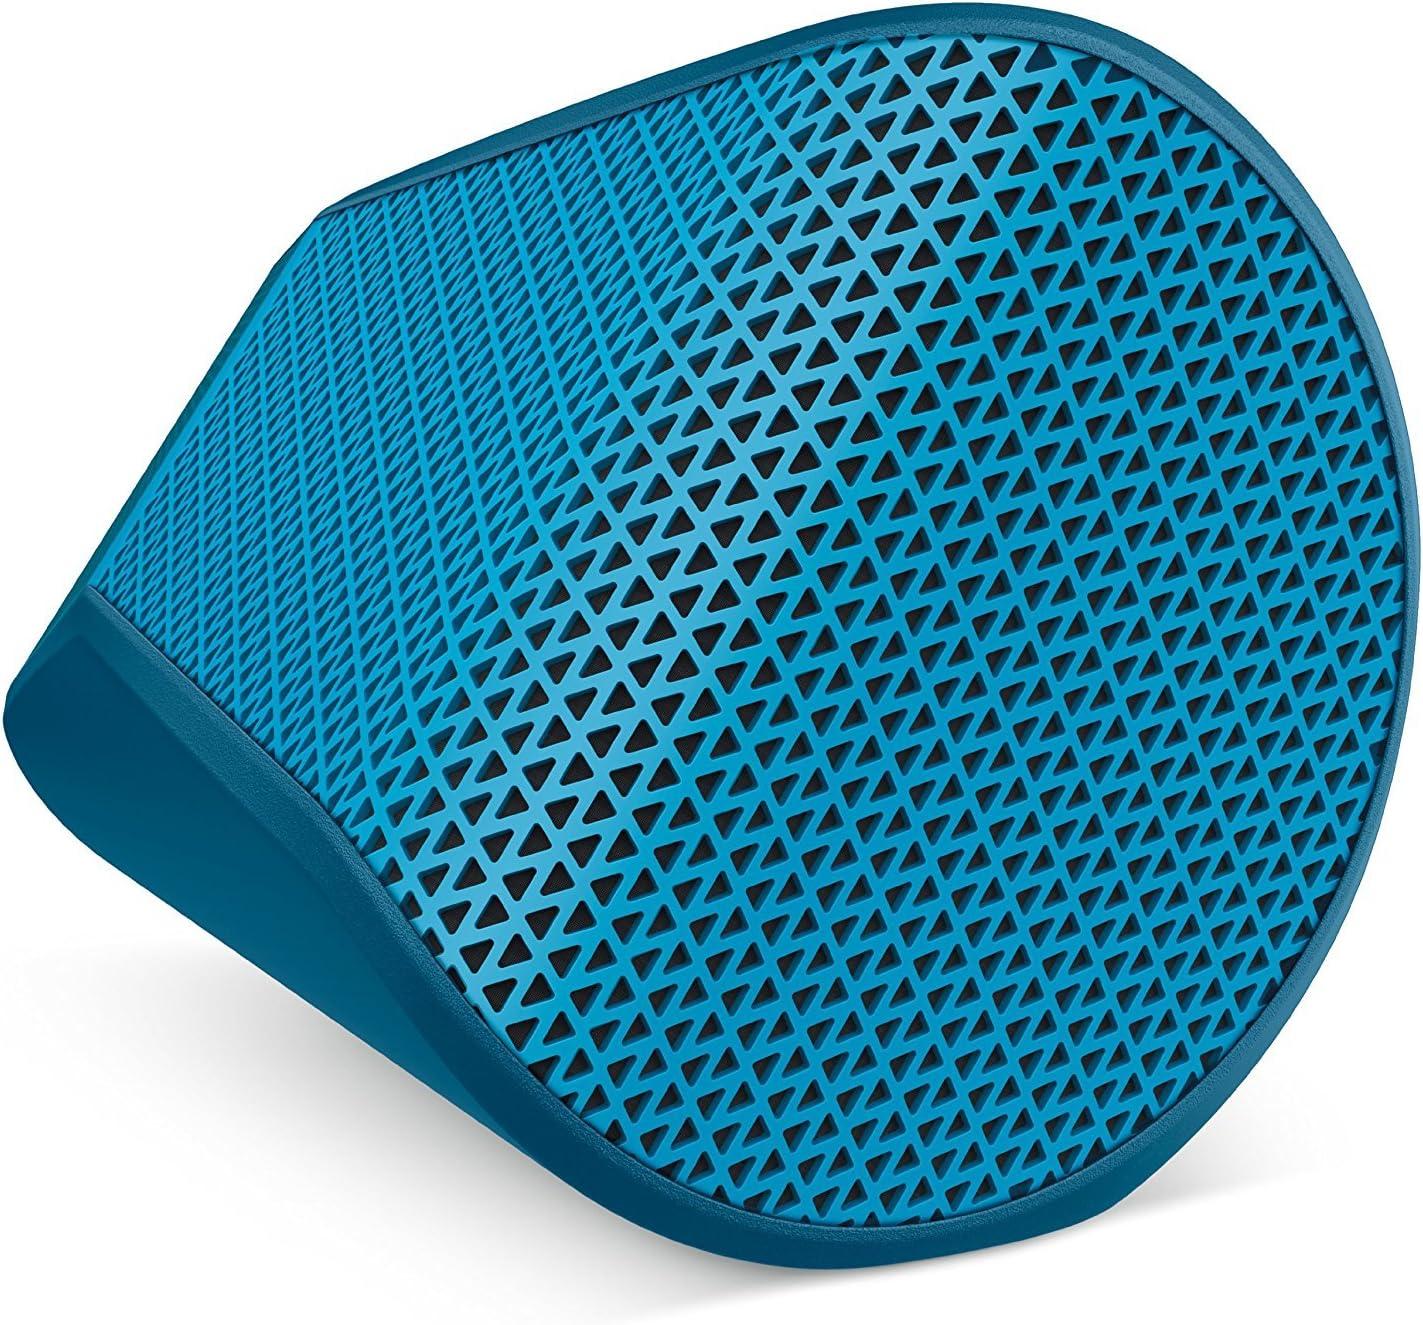 Logitech X300 Mobile Wireless Stereo Speaker 984-000402 Blue